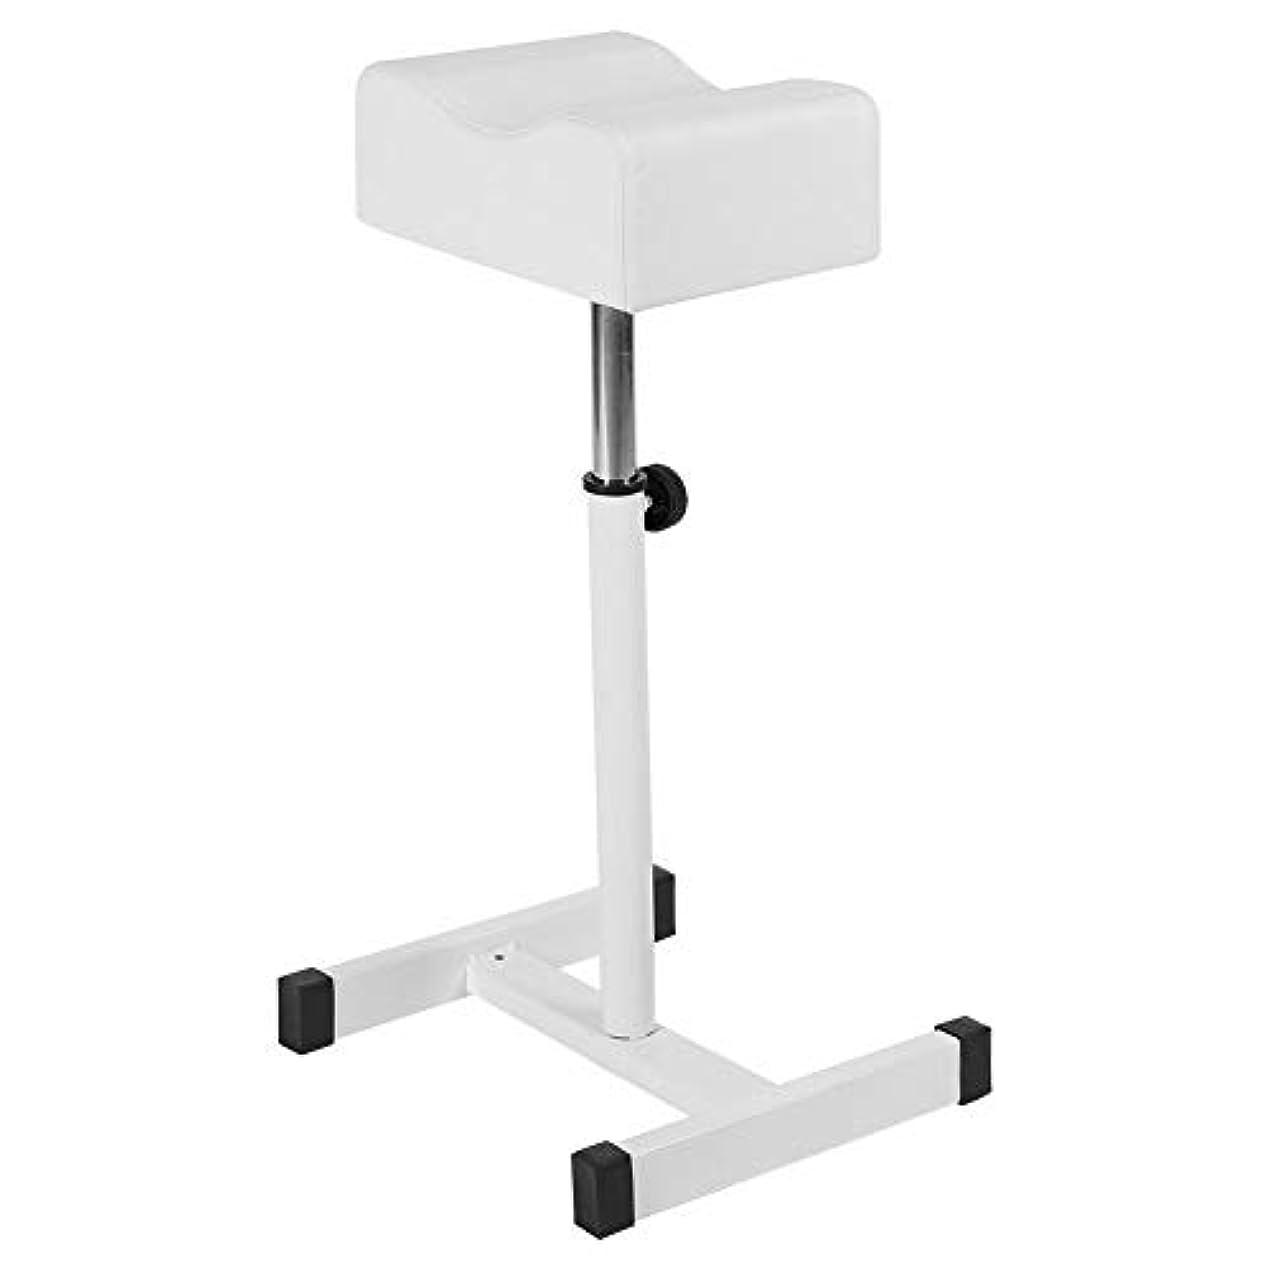 リマーク弁護人地域のサロンスツール白、高さ調節可能な化粧品椅子スパスツールスパスイベルホームショップの快適なシートクッションスツールホワイト